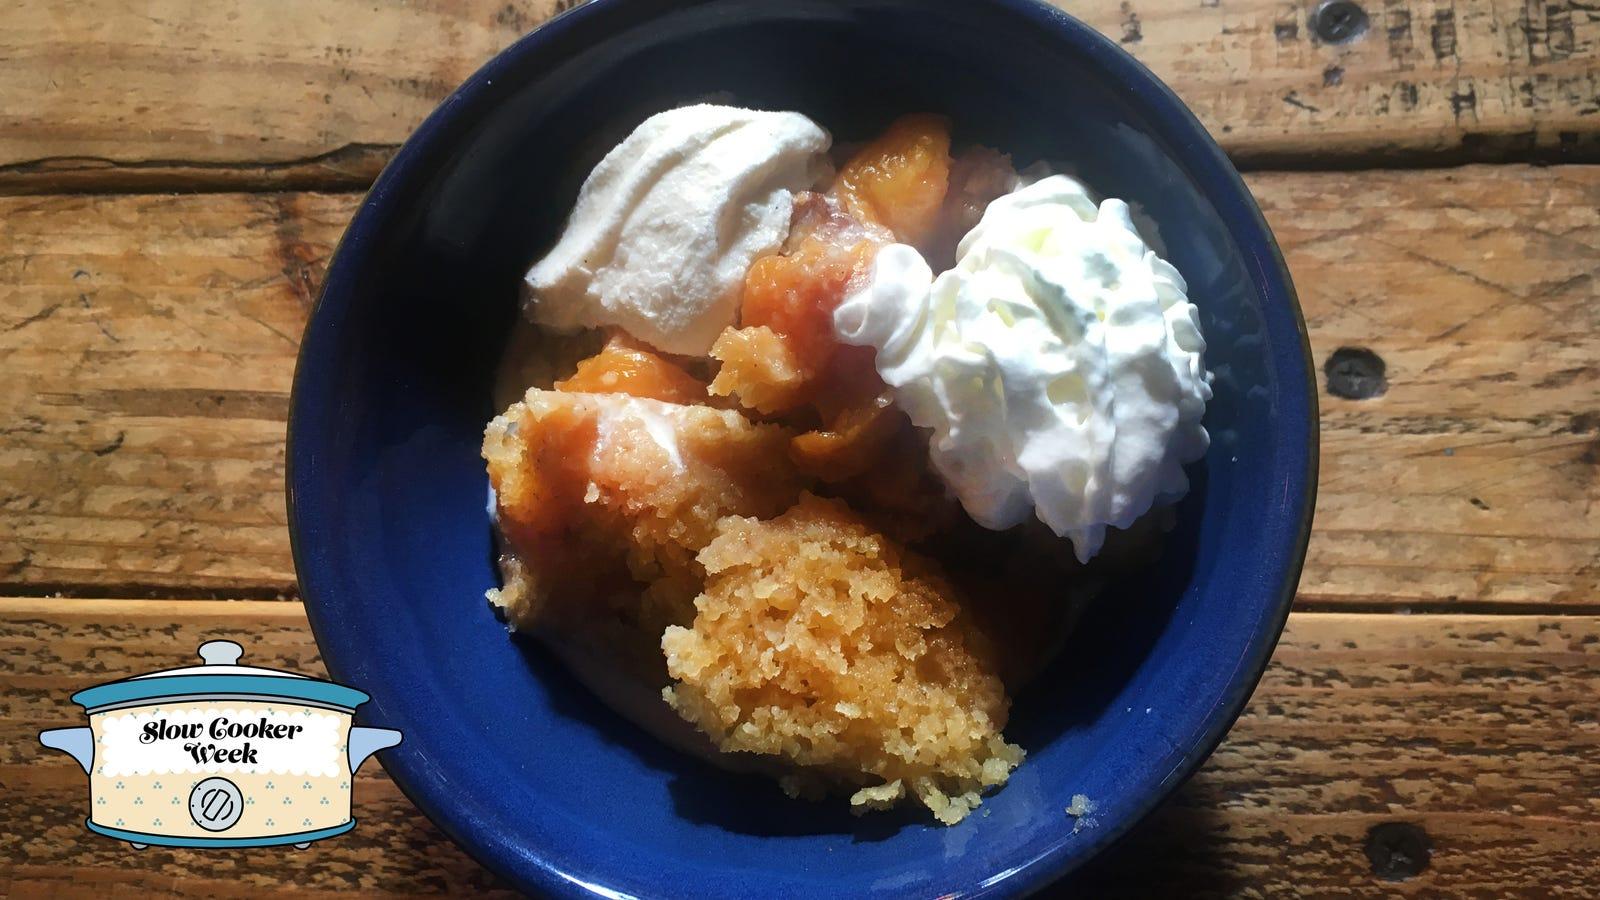 Make bourbon peach cobbler in a Crock Pot because peaches + booze + slow cooker = dessert